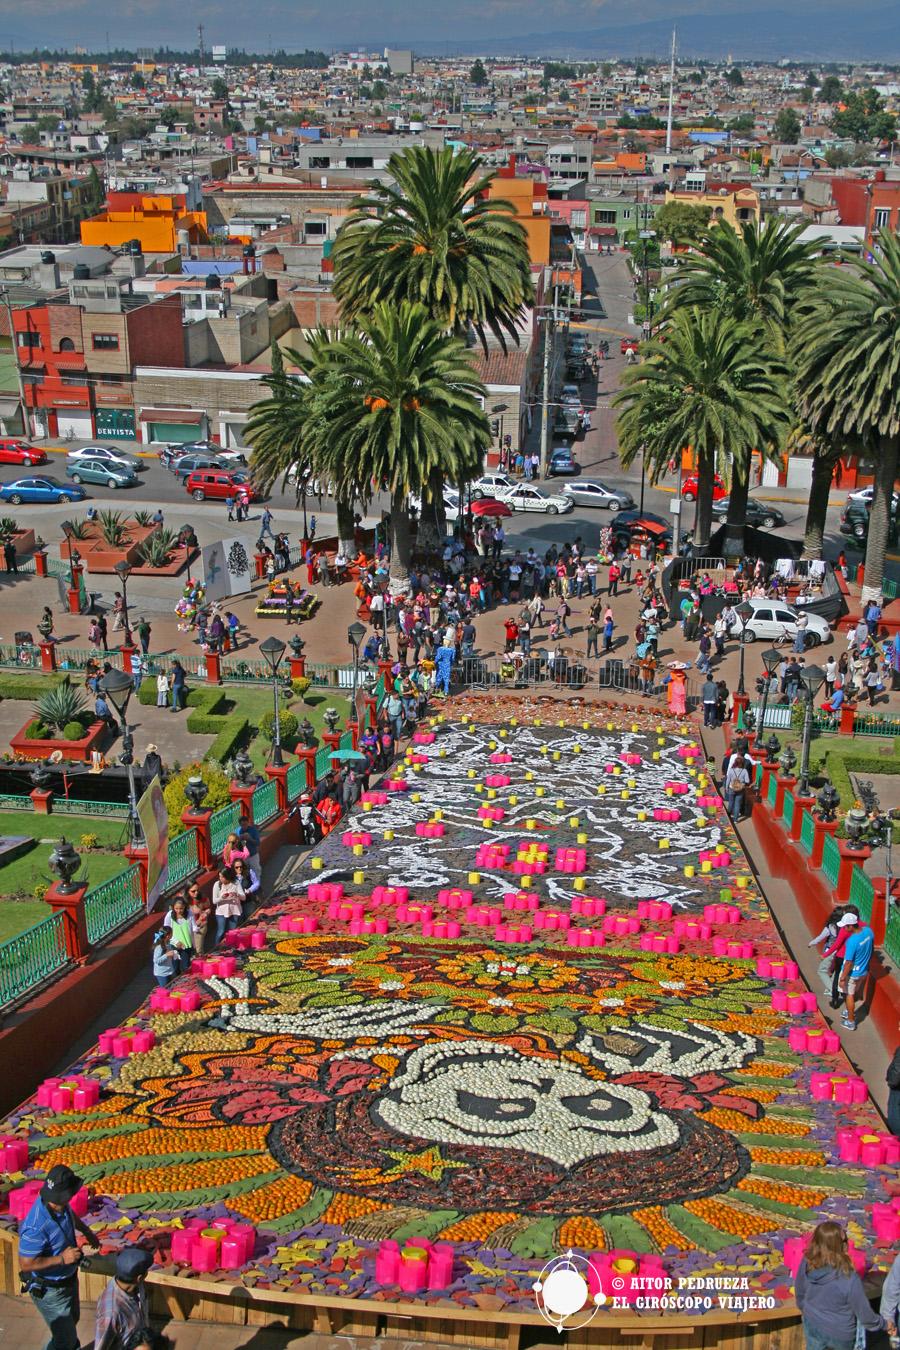 Impresionante tapiz hecho de flores y semillas en el municipio de Metepec para conmemorar el Día de Muertos